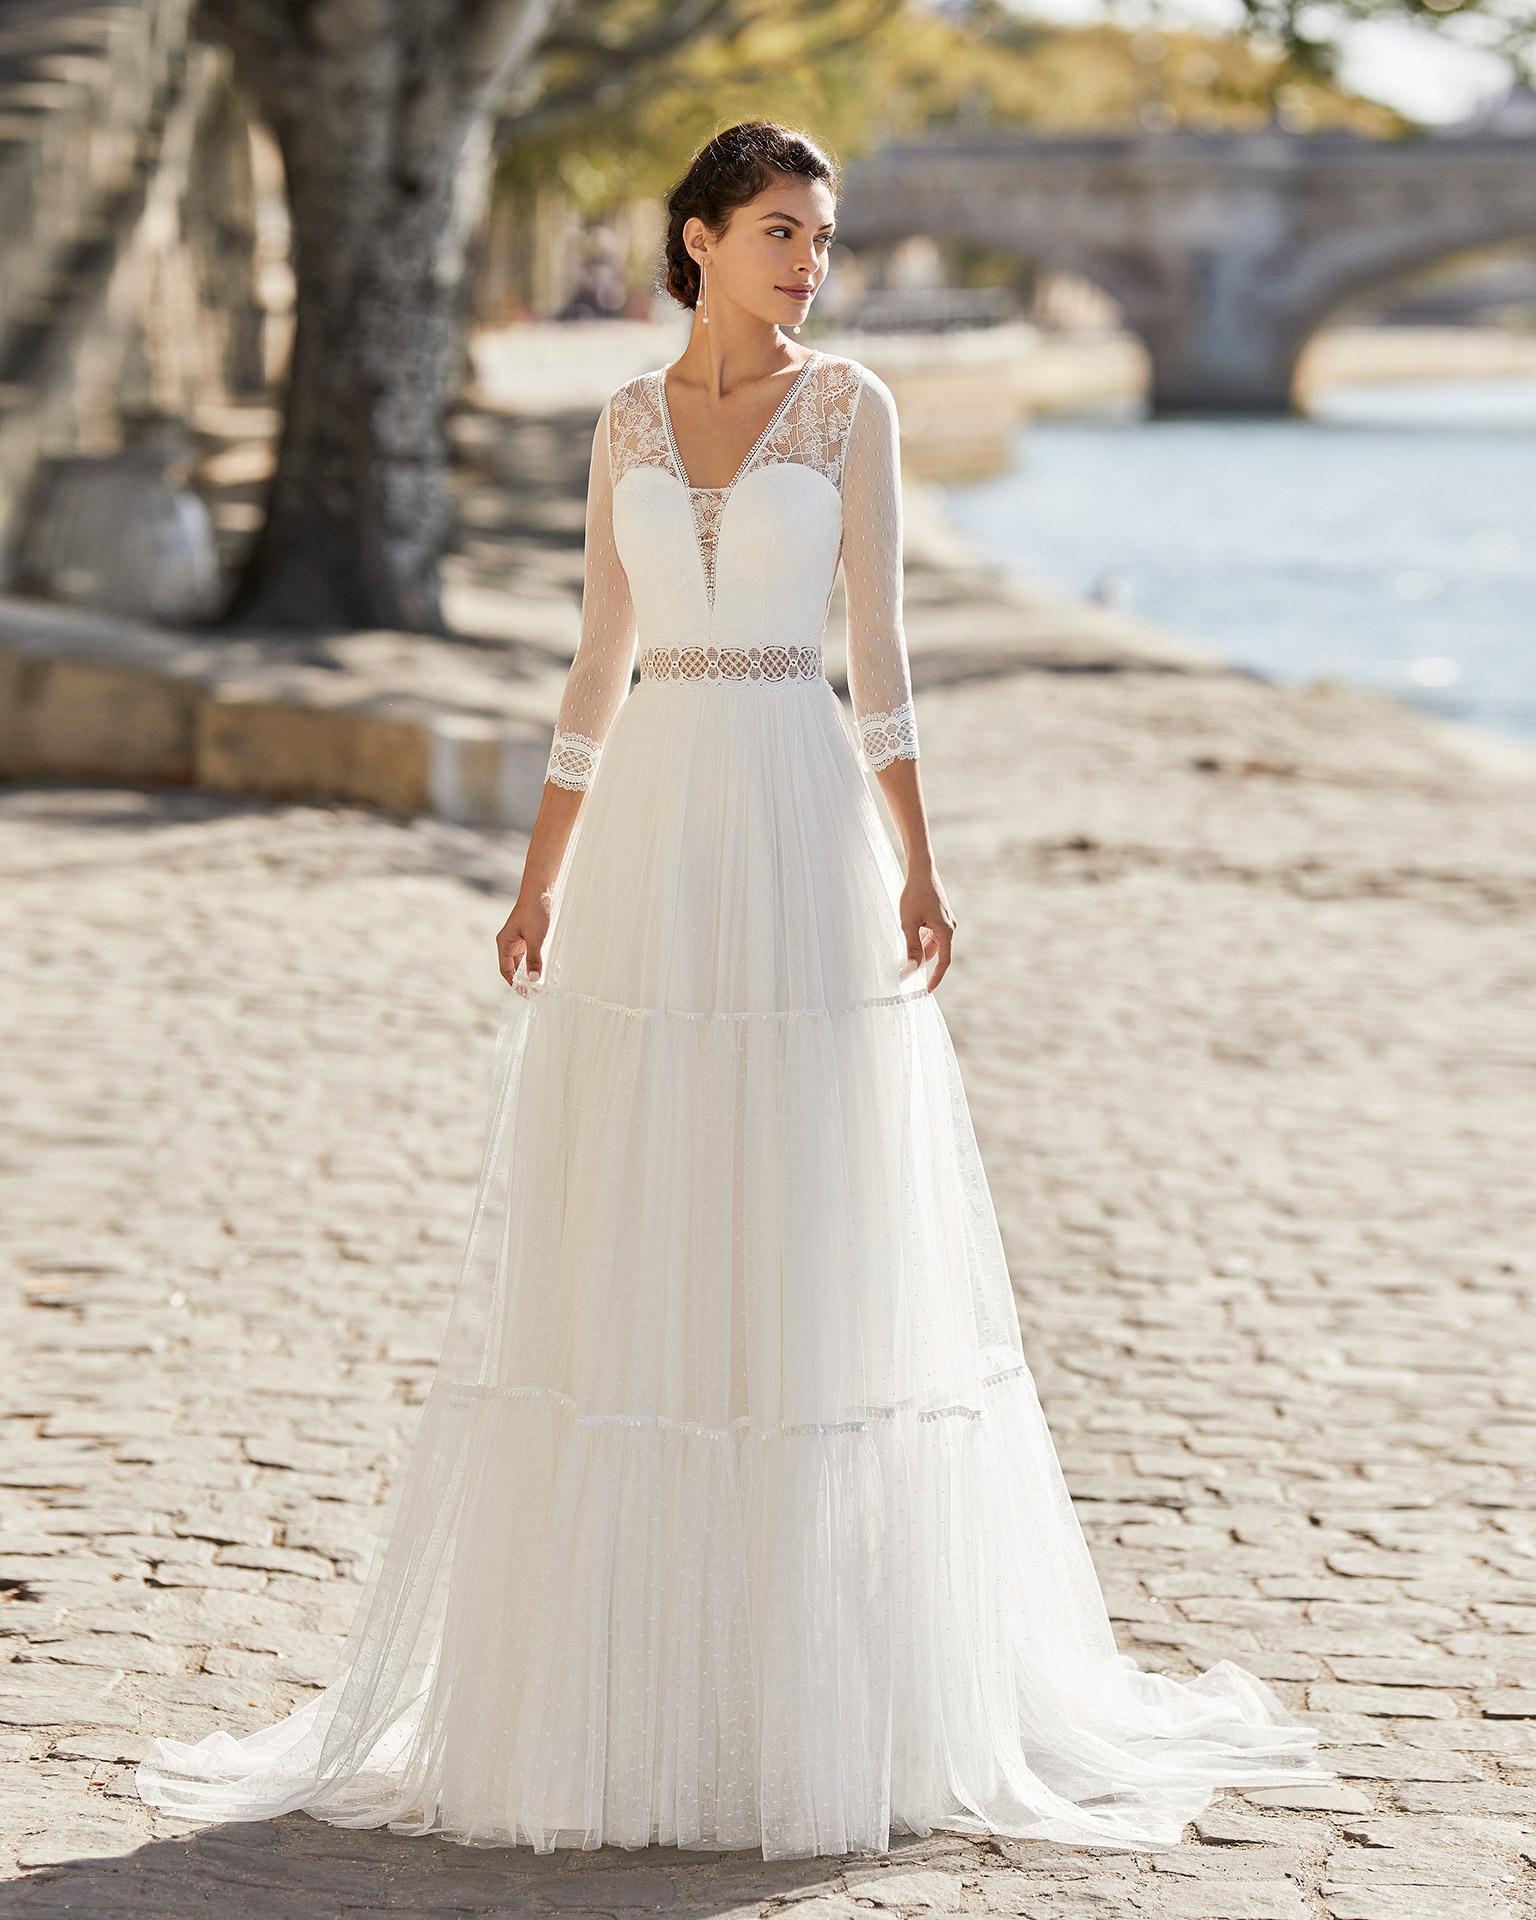 Vestido de novia de tul plumeti. Escote en V, mangas tres cuartos de tul plumeti y acabados en encaje y espalda cerrada de encaje y botones. Colección ALMANOVIA 2021.